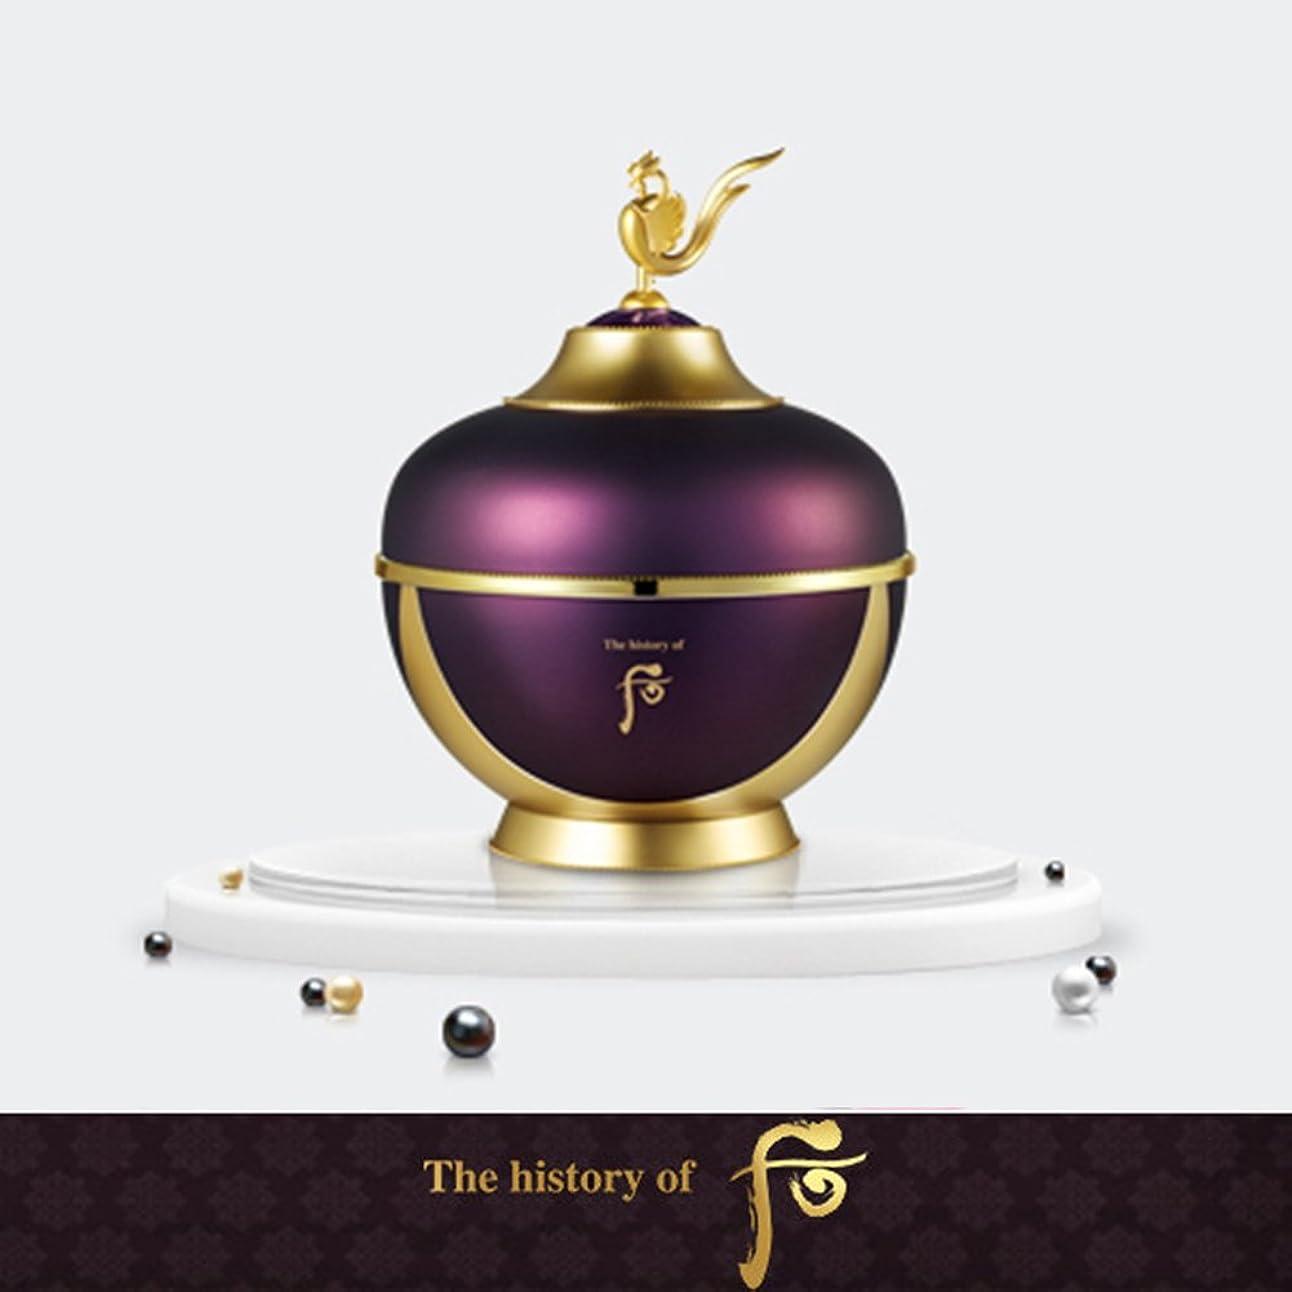 不承認上げる広まった【フー/The history of whoo] Whoo后 Hwanyu Cream/后(フー)よりヒストリー?オブ?後環ユーゴクリーム60ml+[Sample Gift](海外直送品)